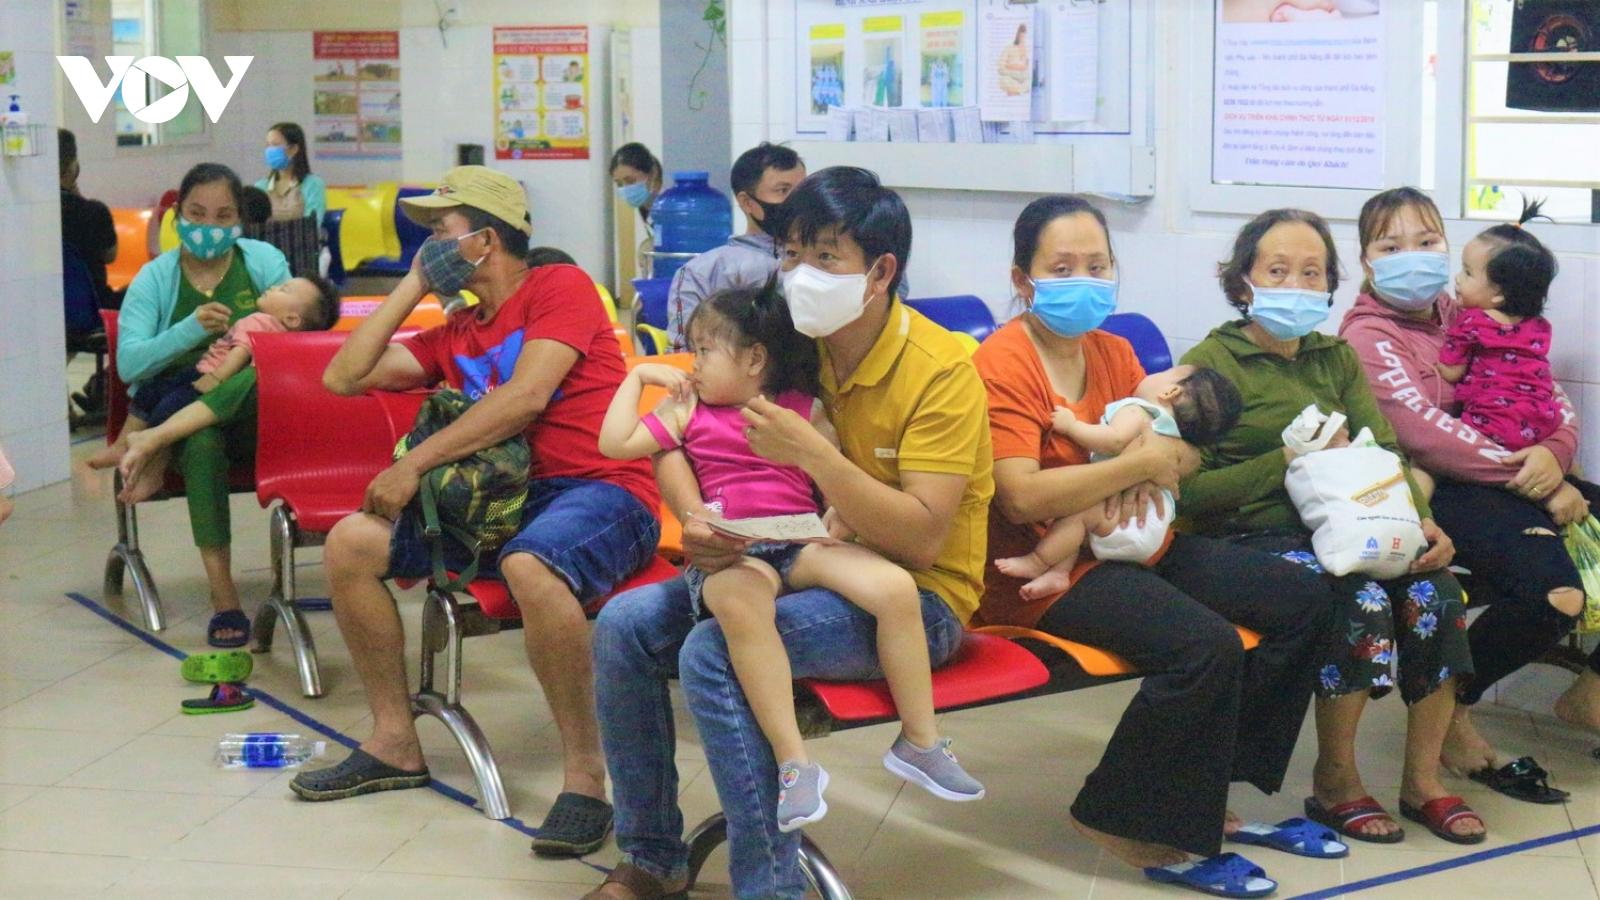 Trẻ mắc bệnh về tiêu hoá nhập viện tăng ở Đà Nẵng